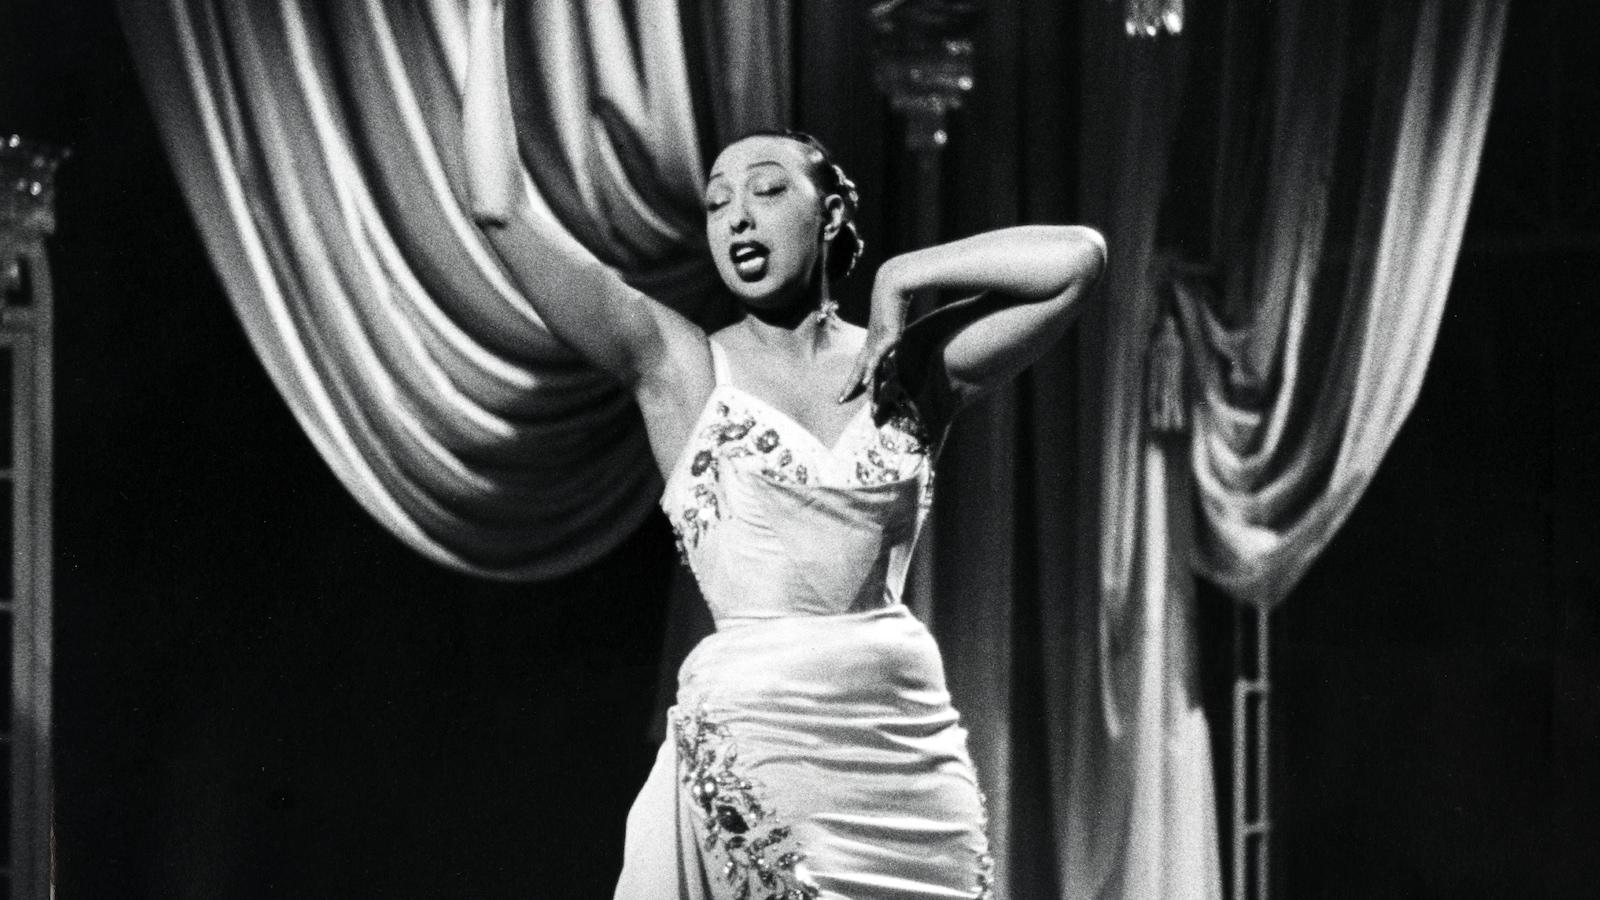 Joséphine Baker chante et gesticule dans un décor de scène.